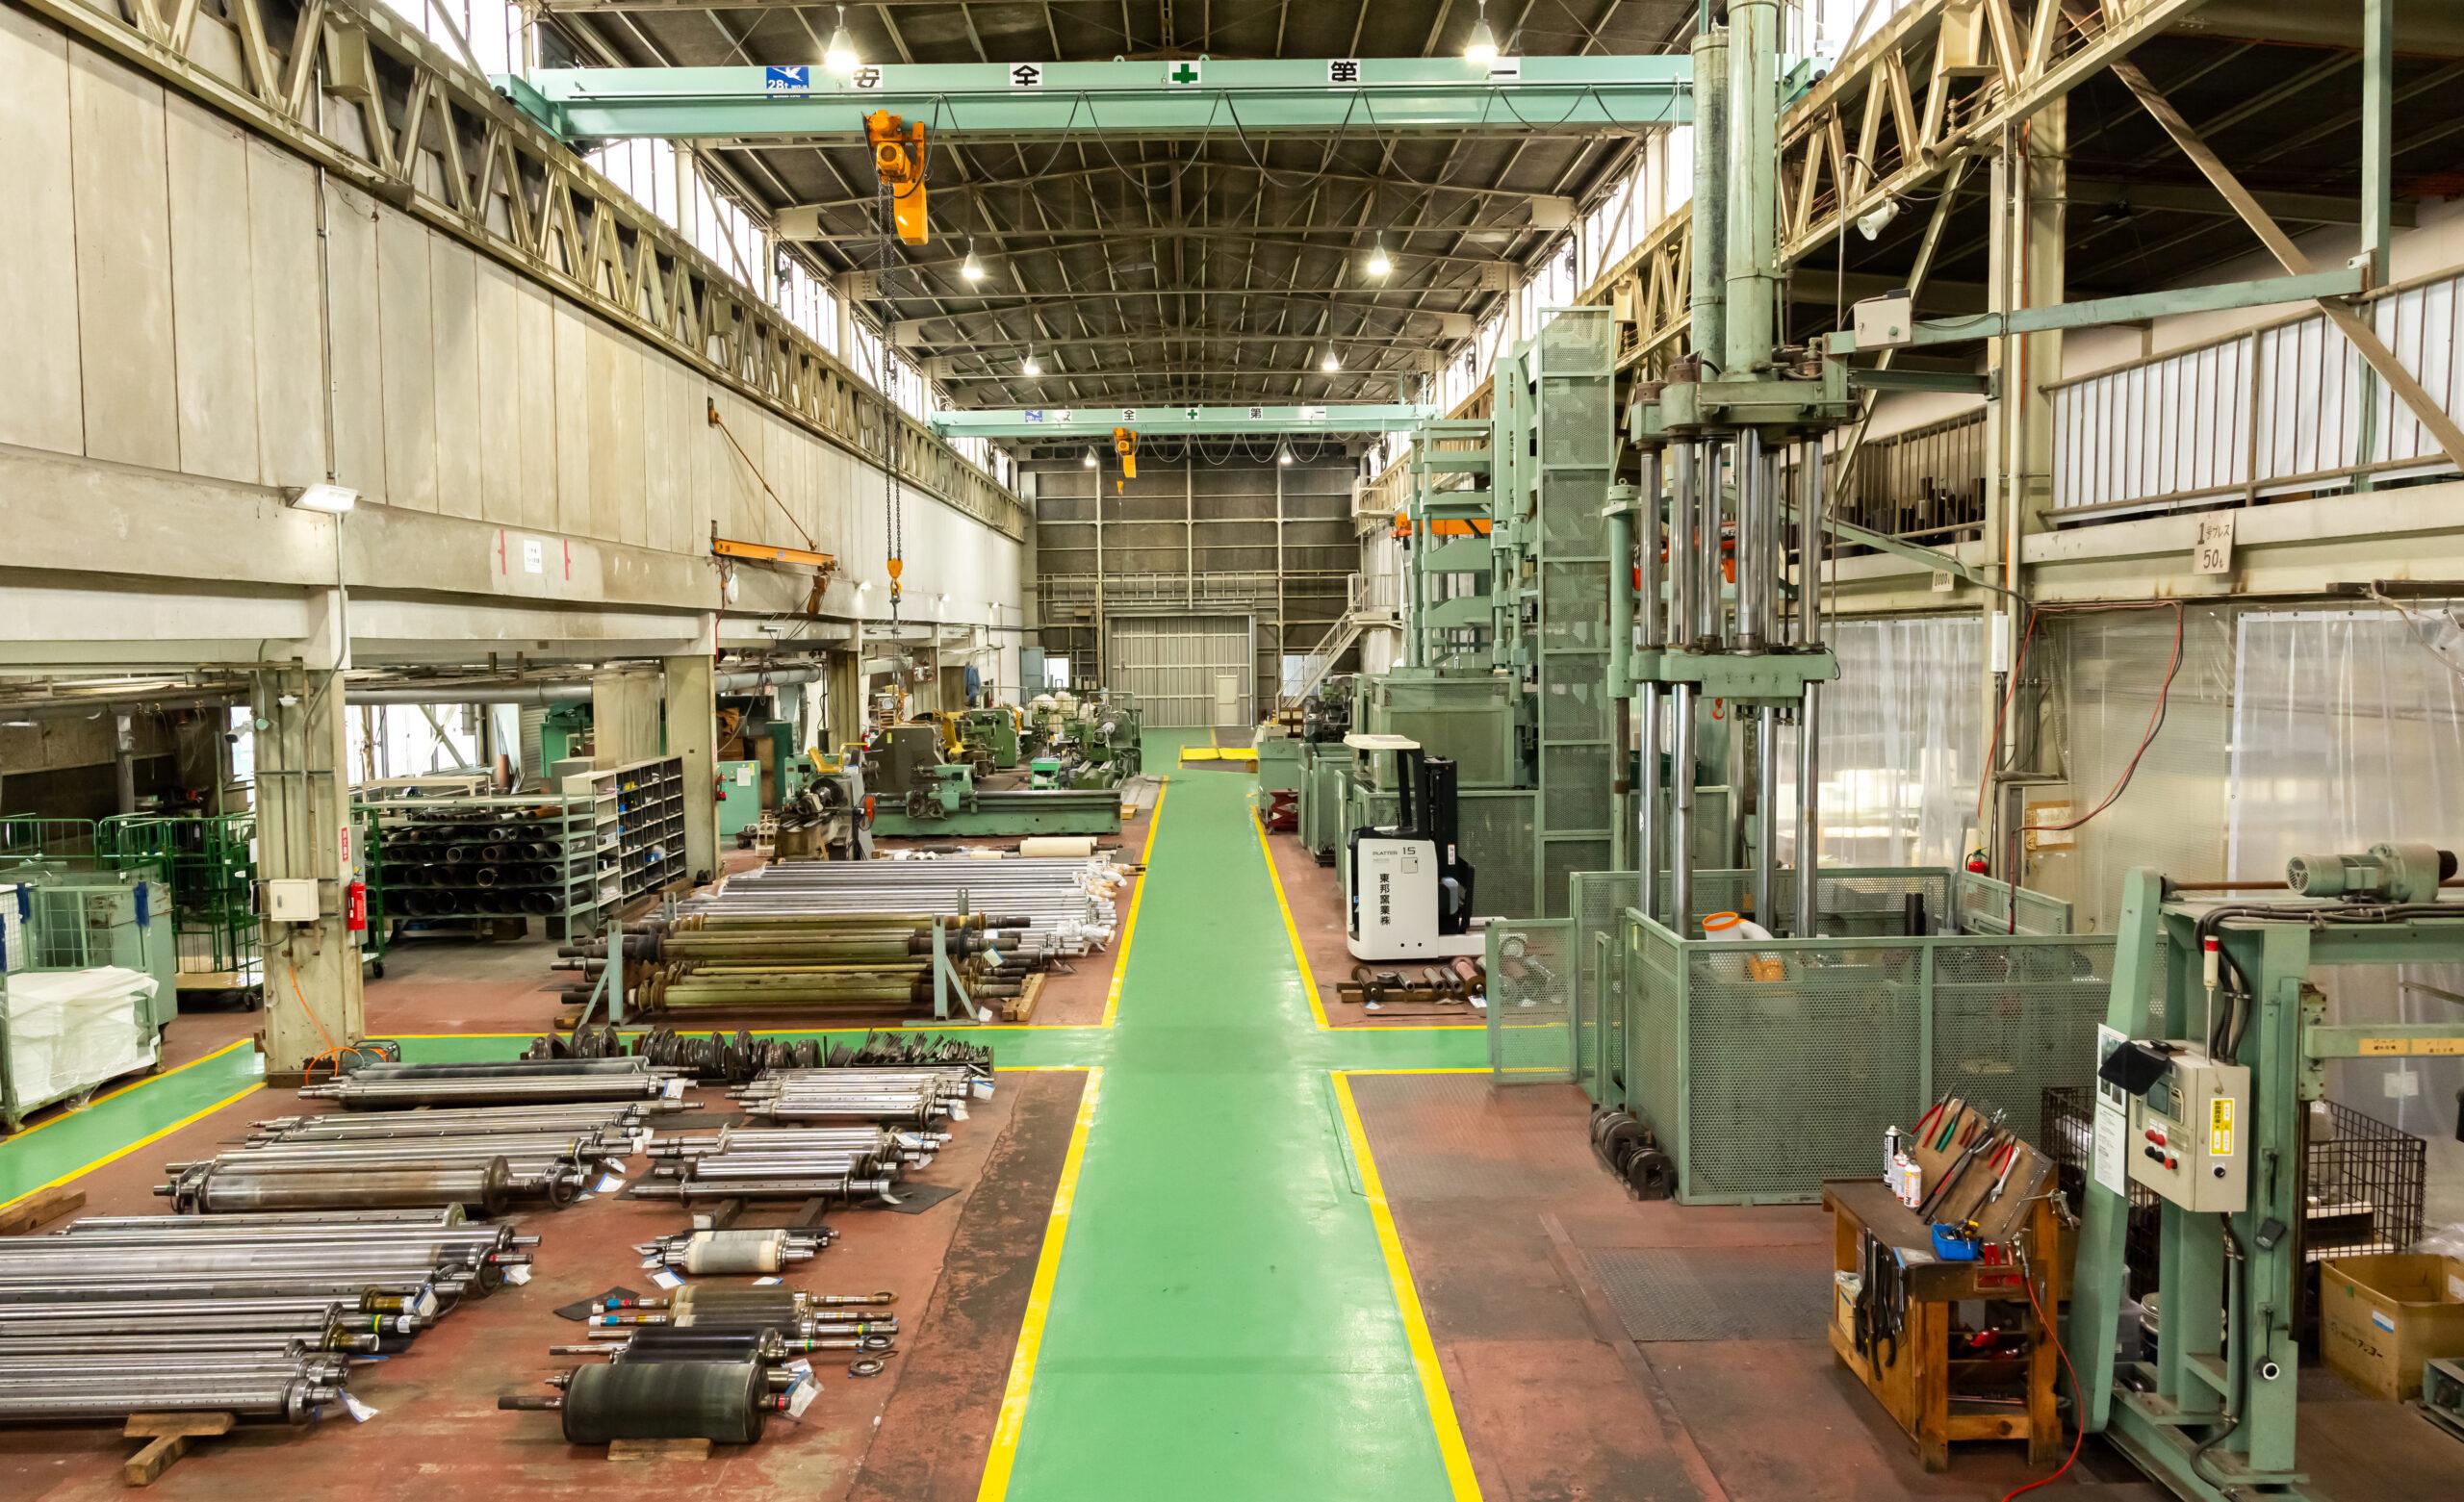 东邦窑业的工厂内